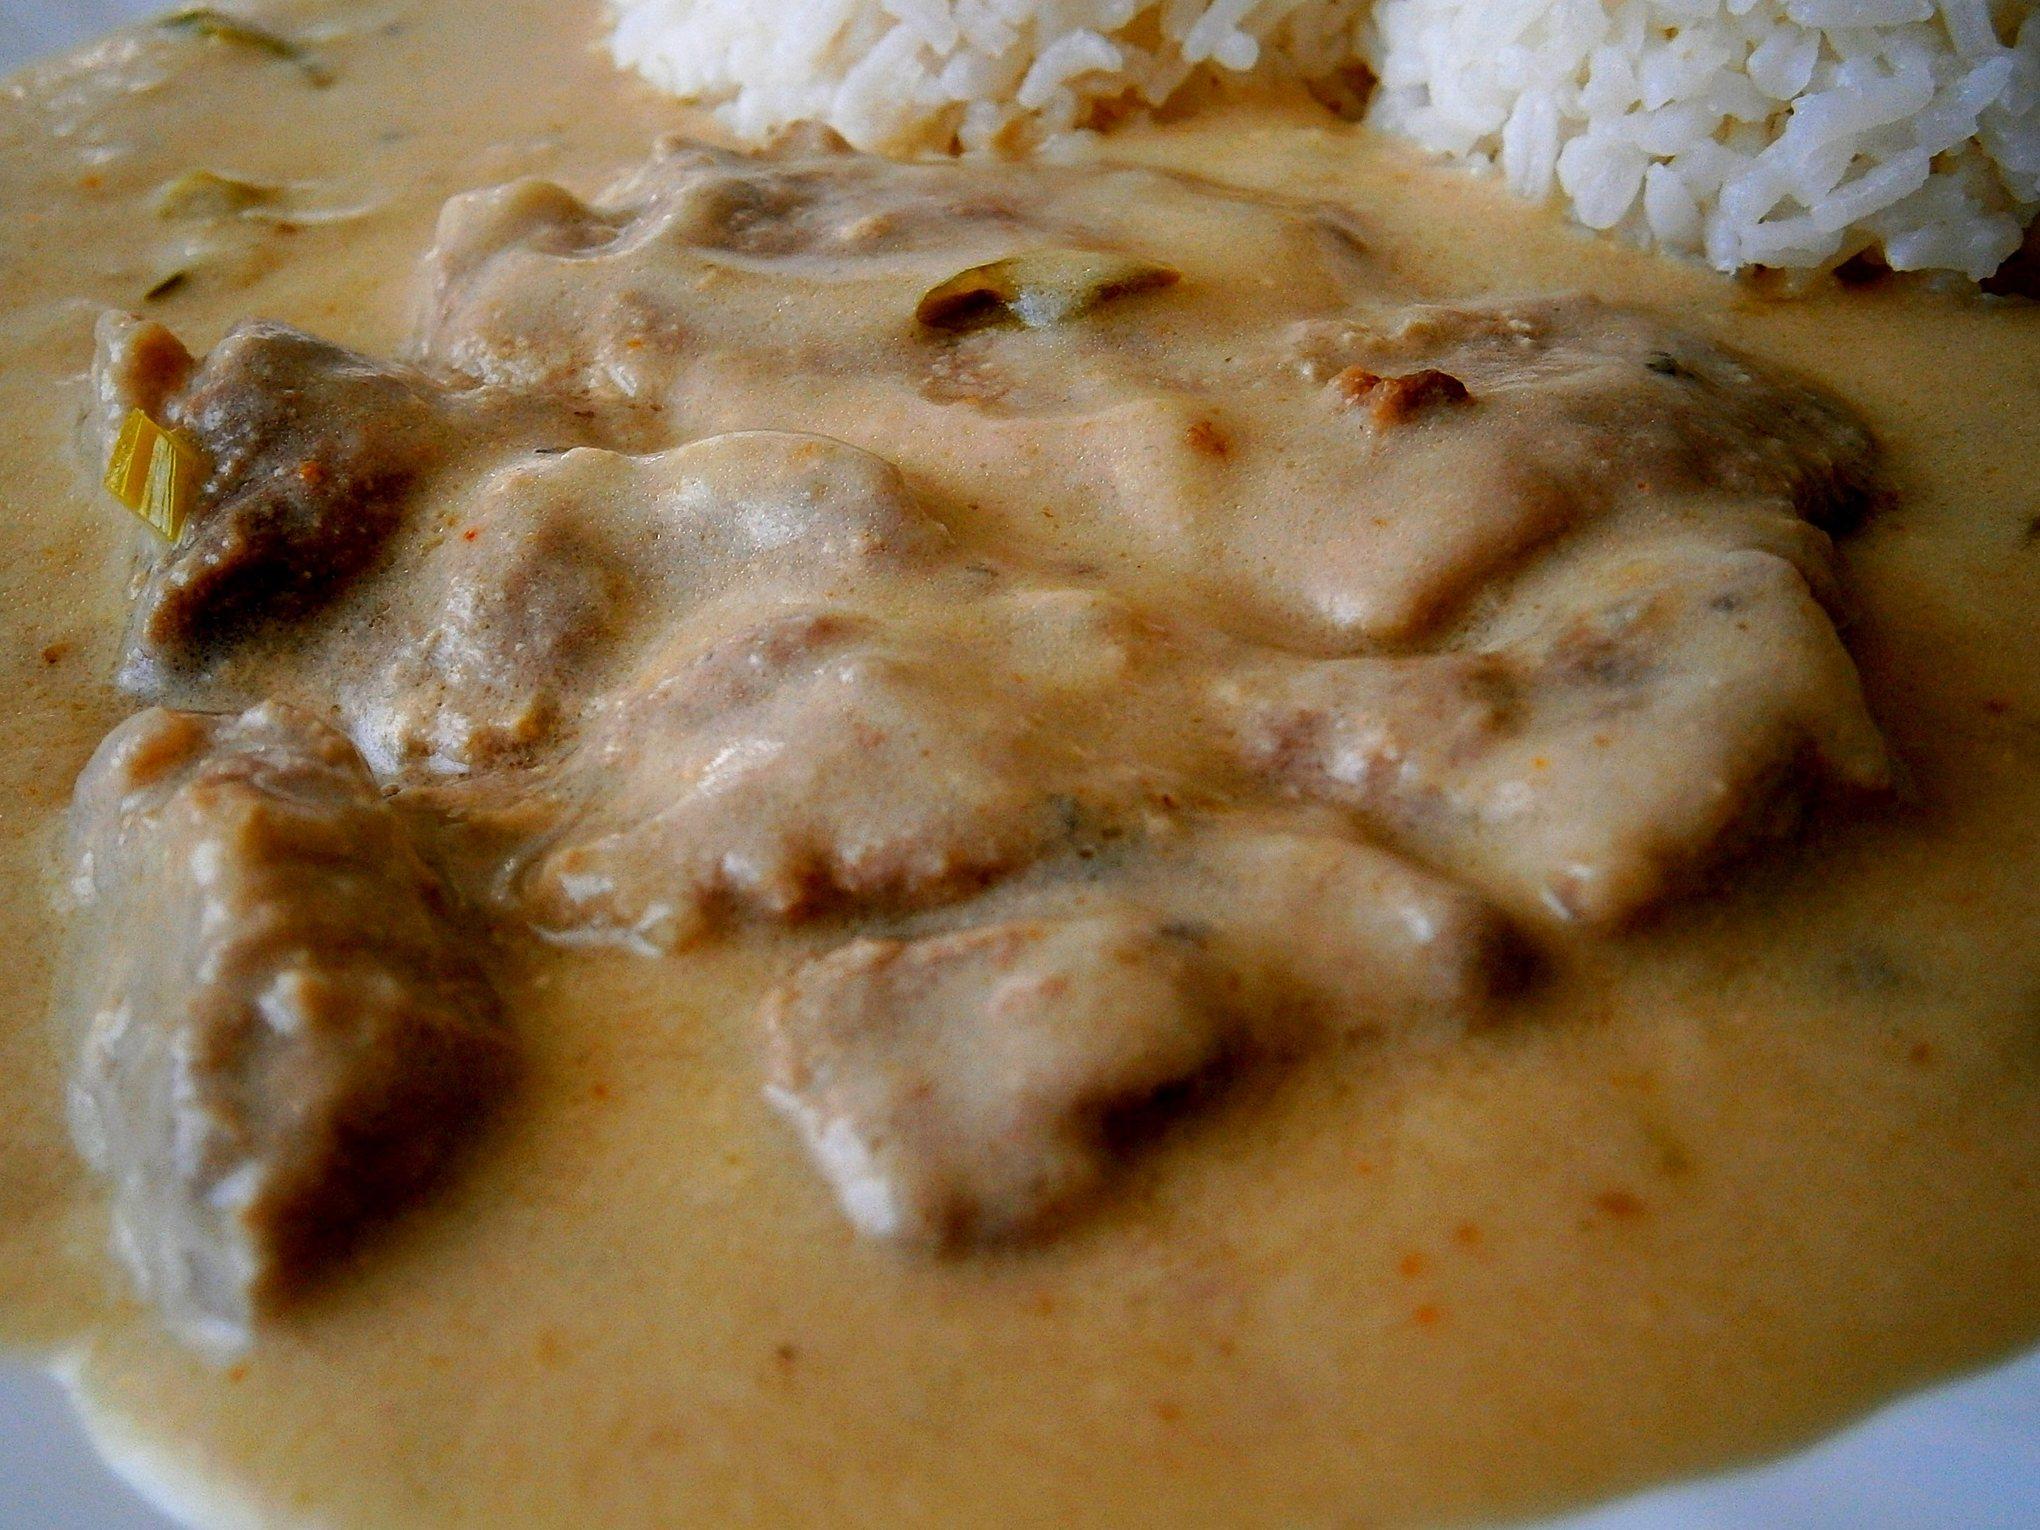 Recept Krkovička v kefíru z papiňáku - hodí se rýže, nebo knedlík